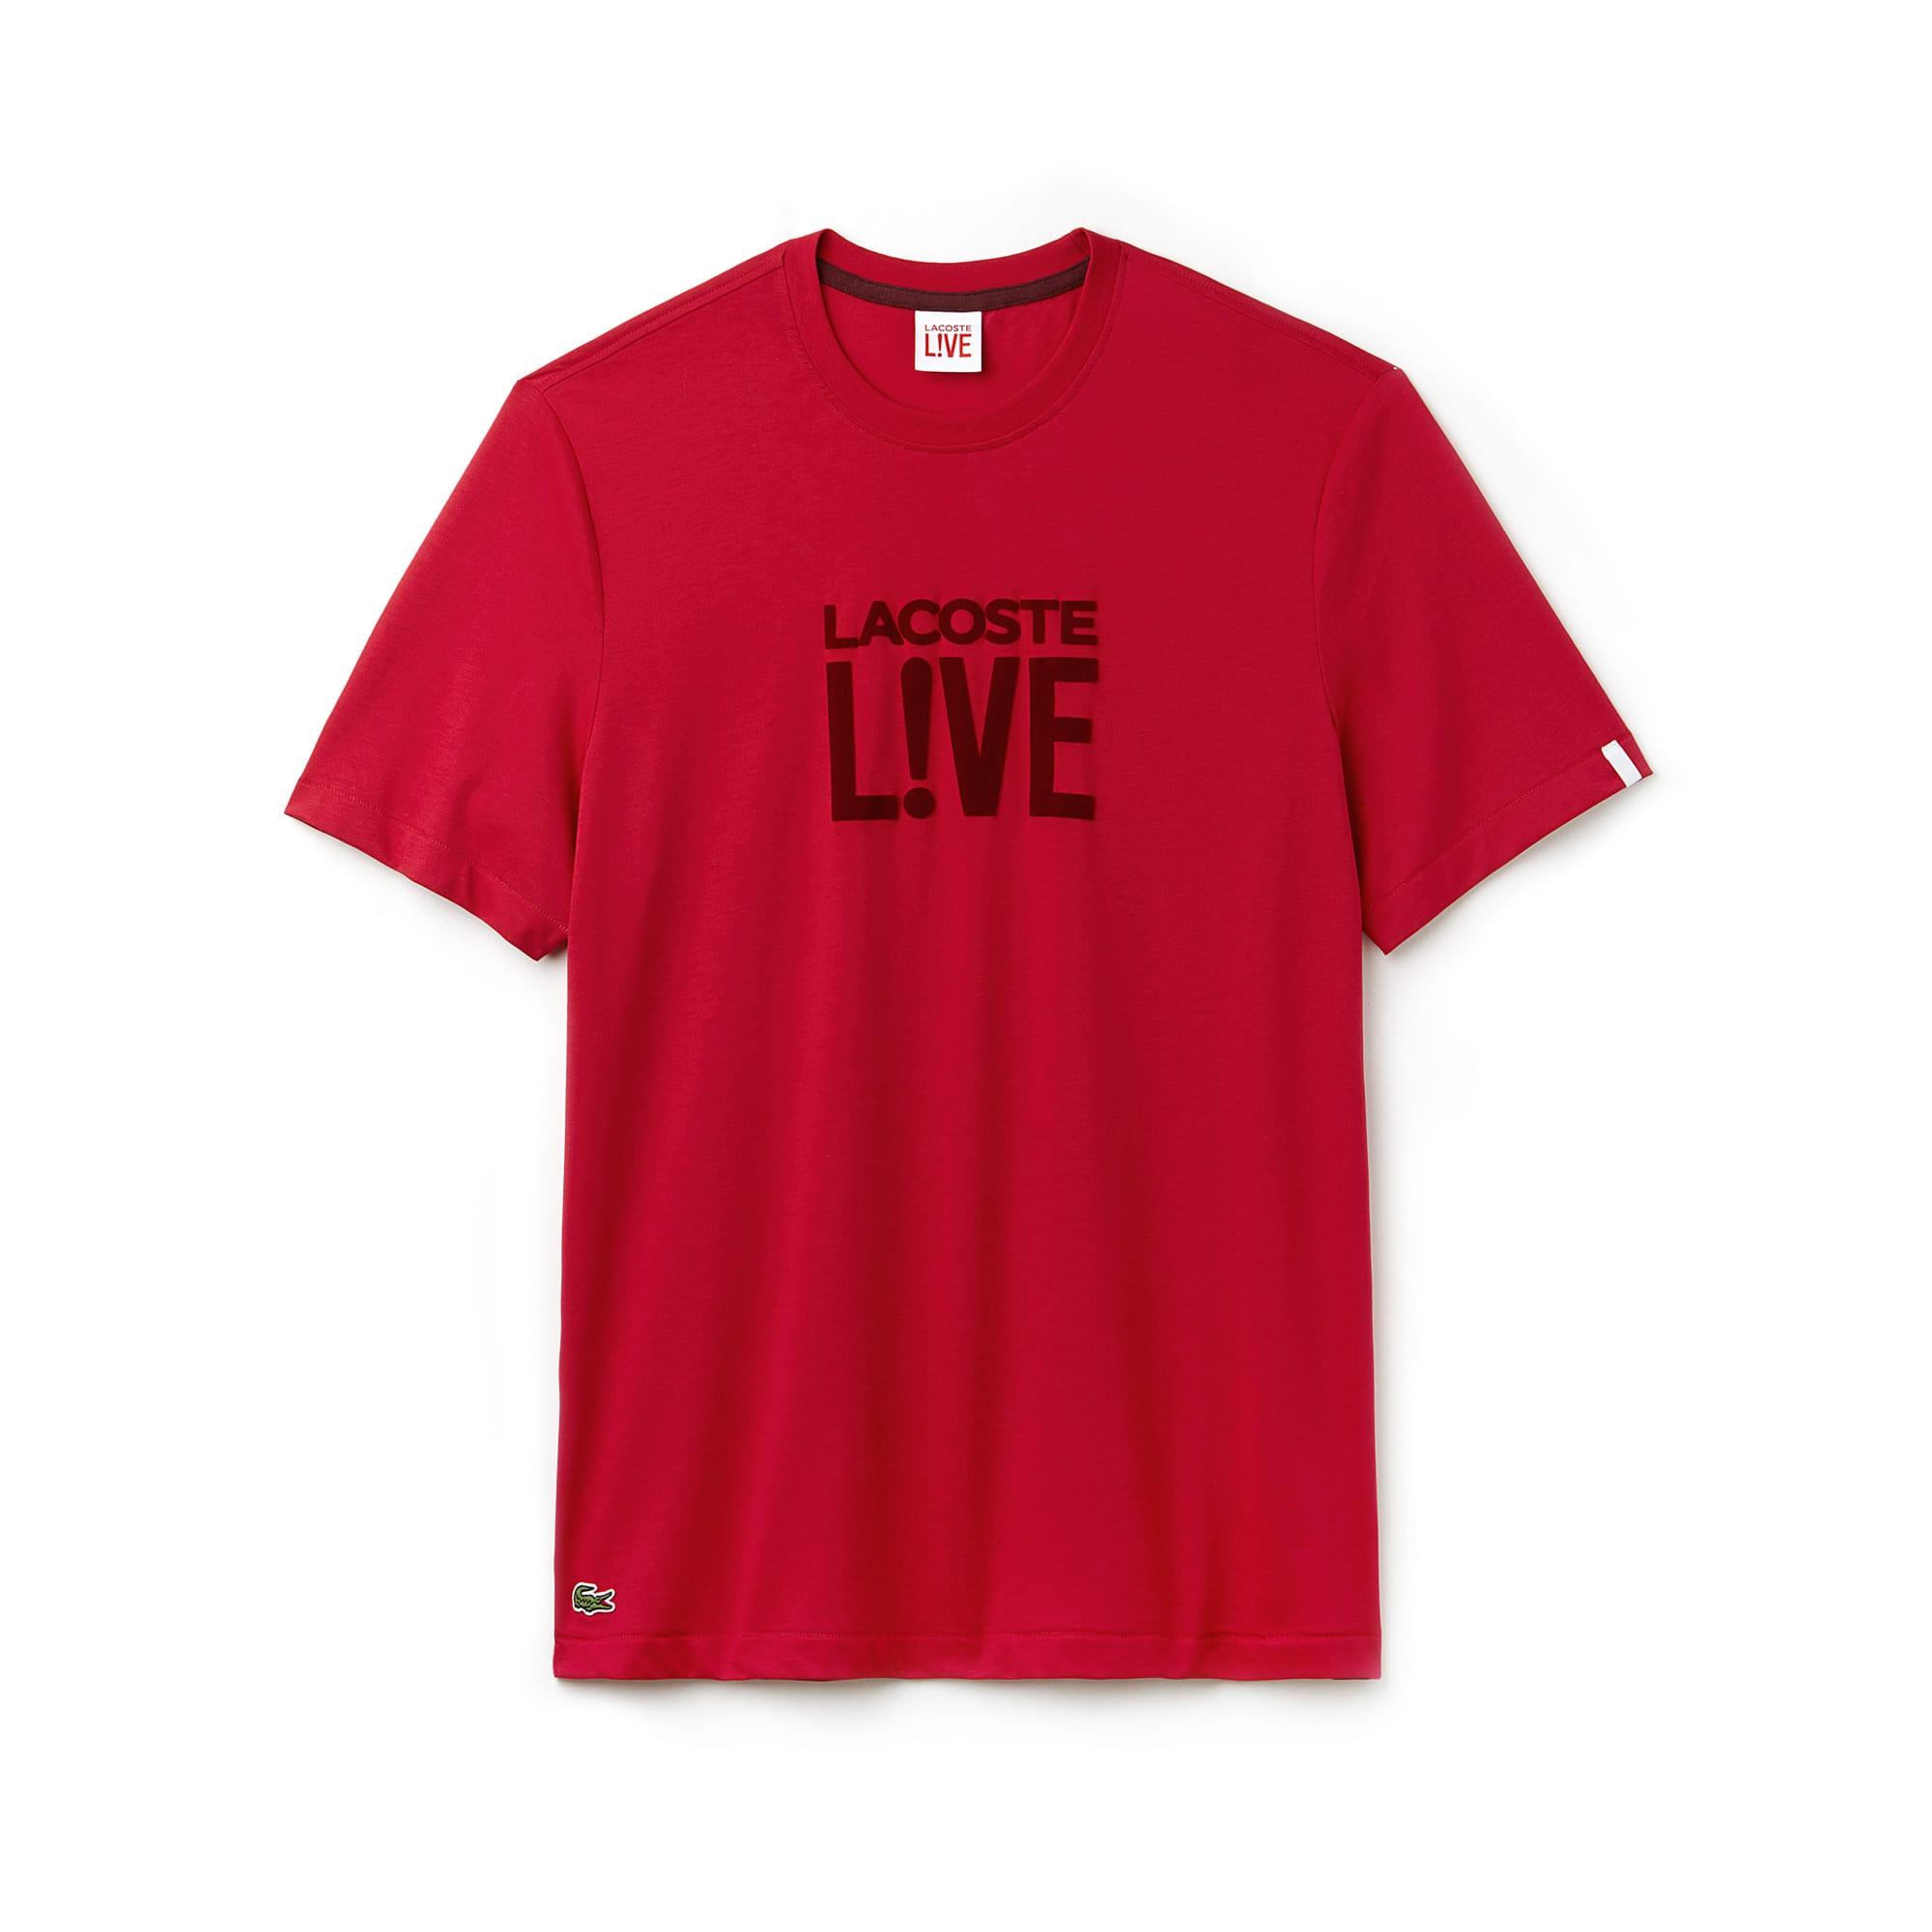 Lacoste LIVE-T-shirt heren ronde hals jersey met velourslogo